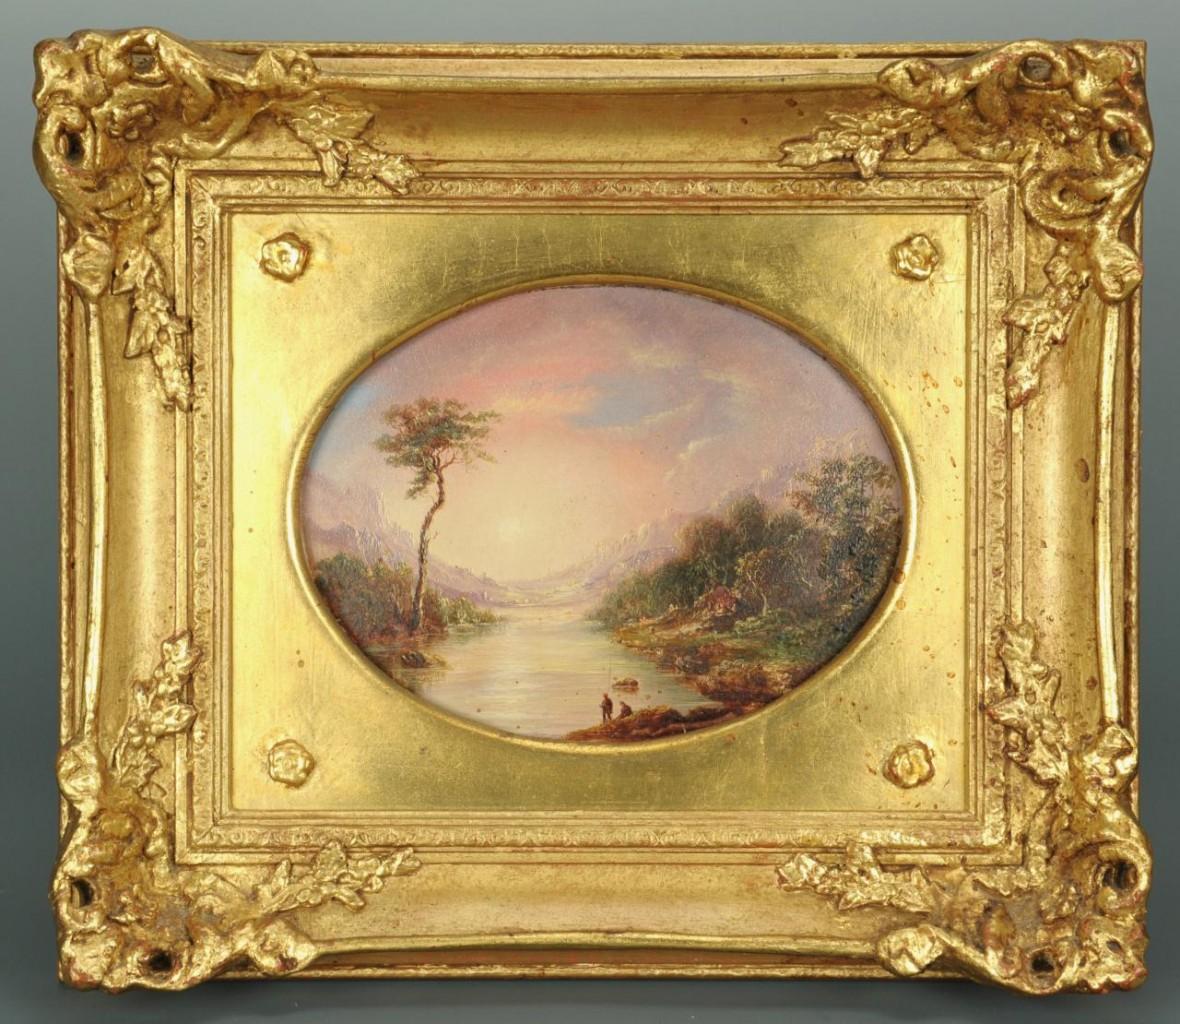 Lot 39: Sunset landscape, manner of James Baker Pyne